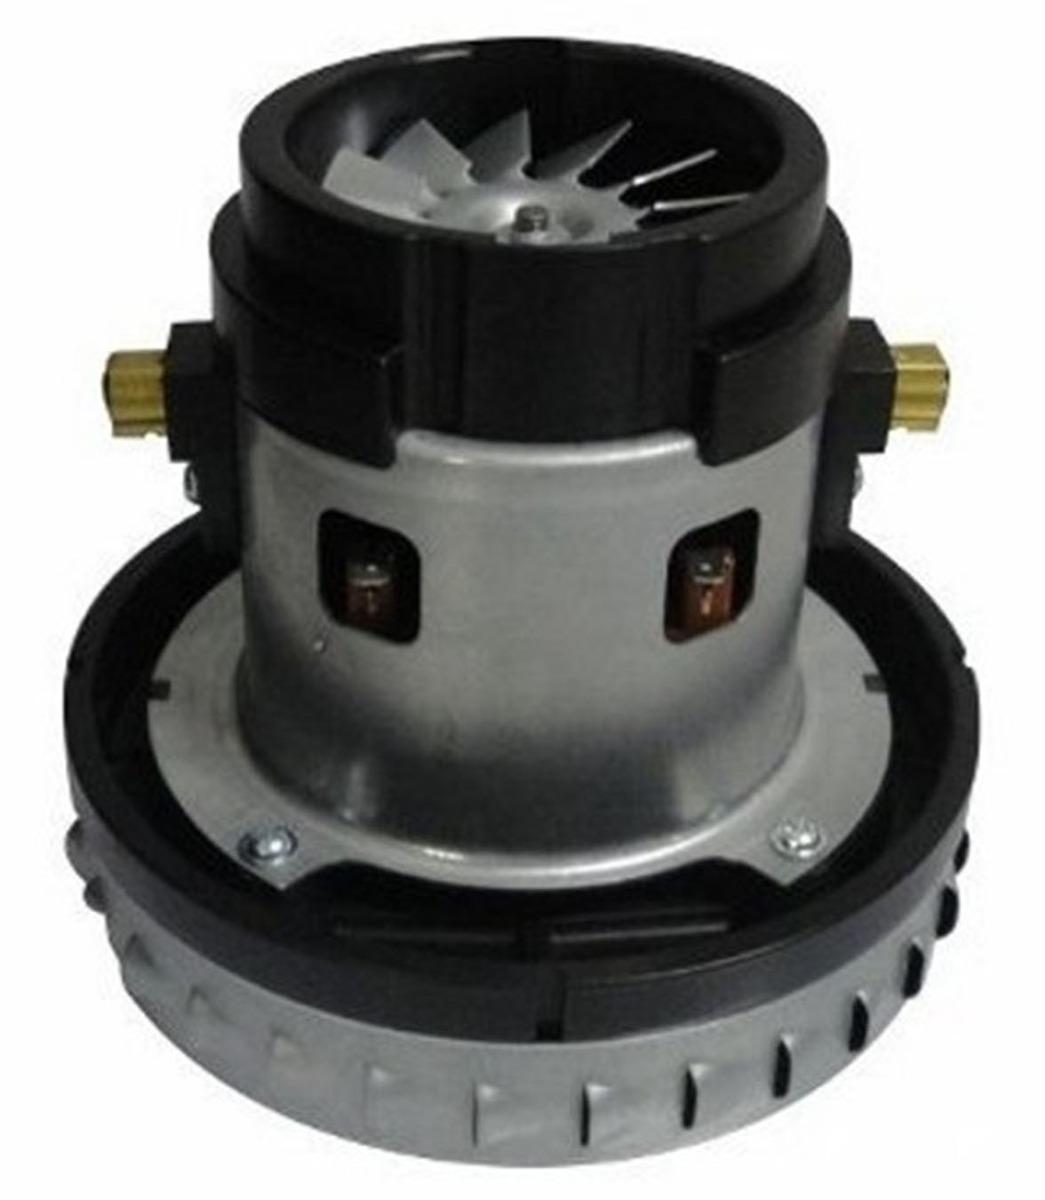 Motor BPS 1S  - Electrolux  - Lavadora Wap - Real Comercio de Equipamentos Ltda